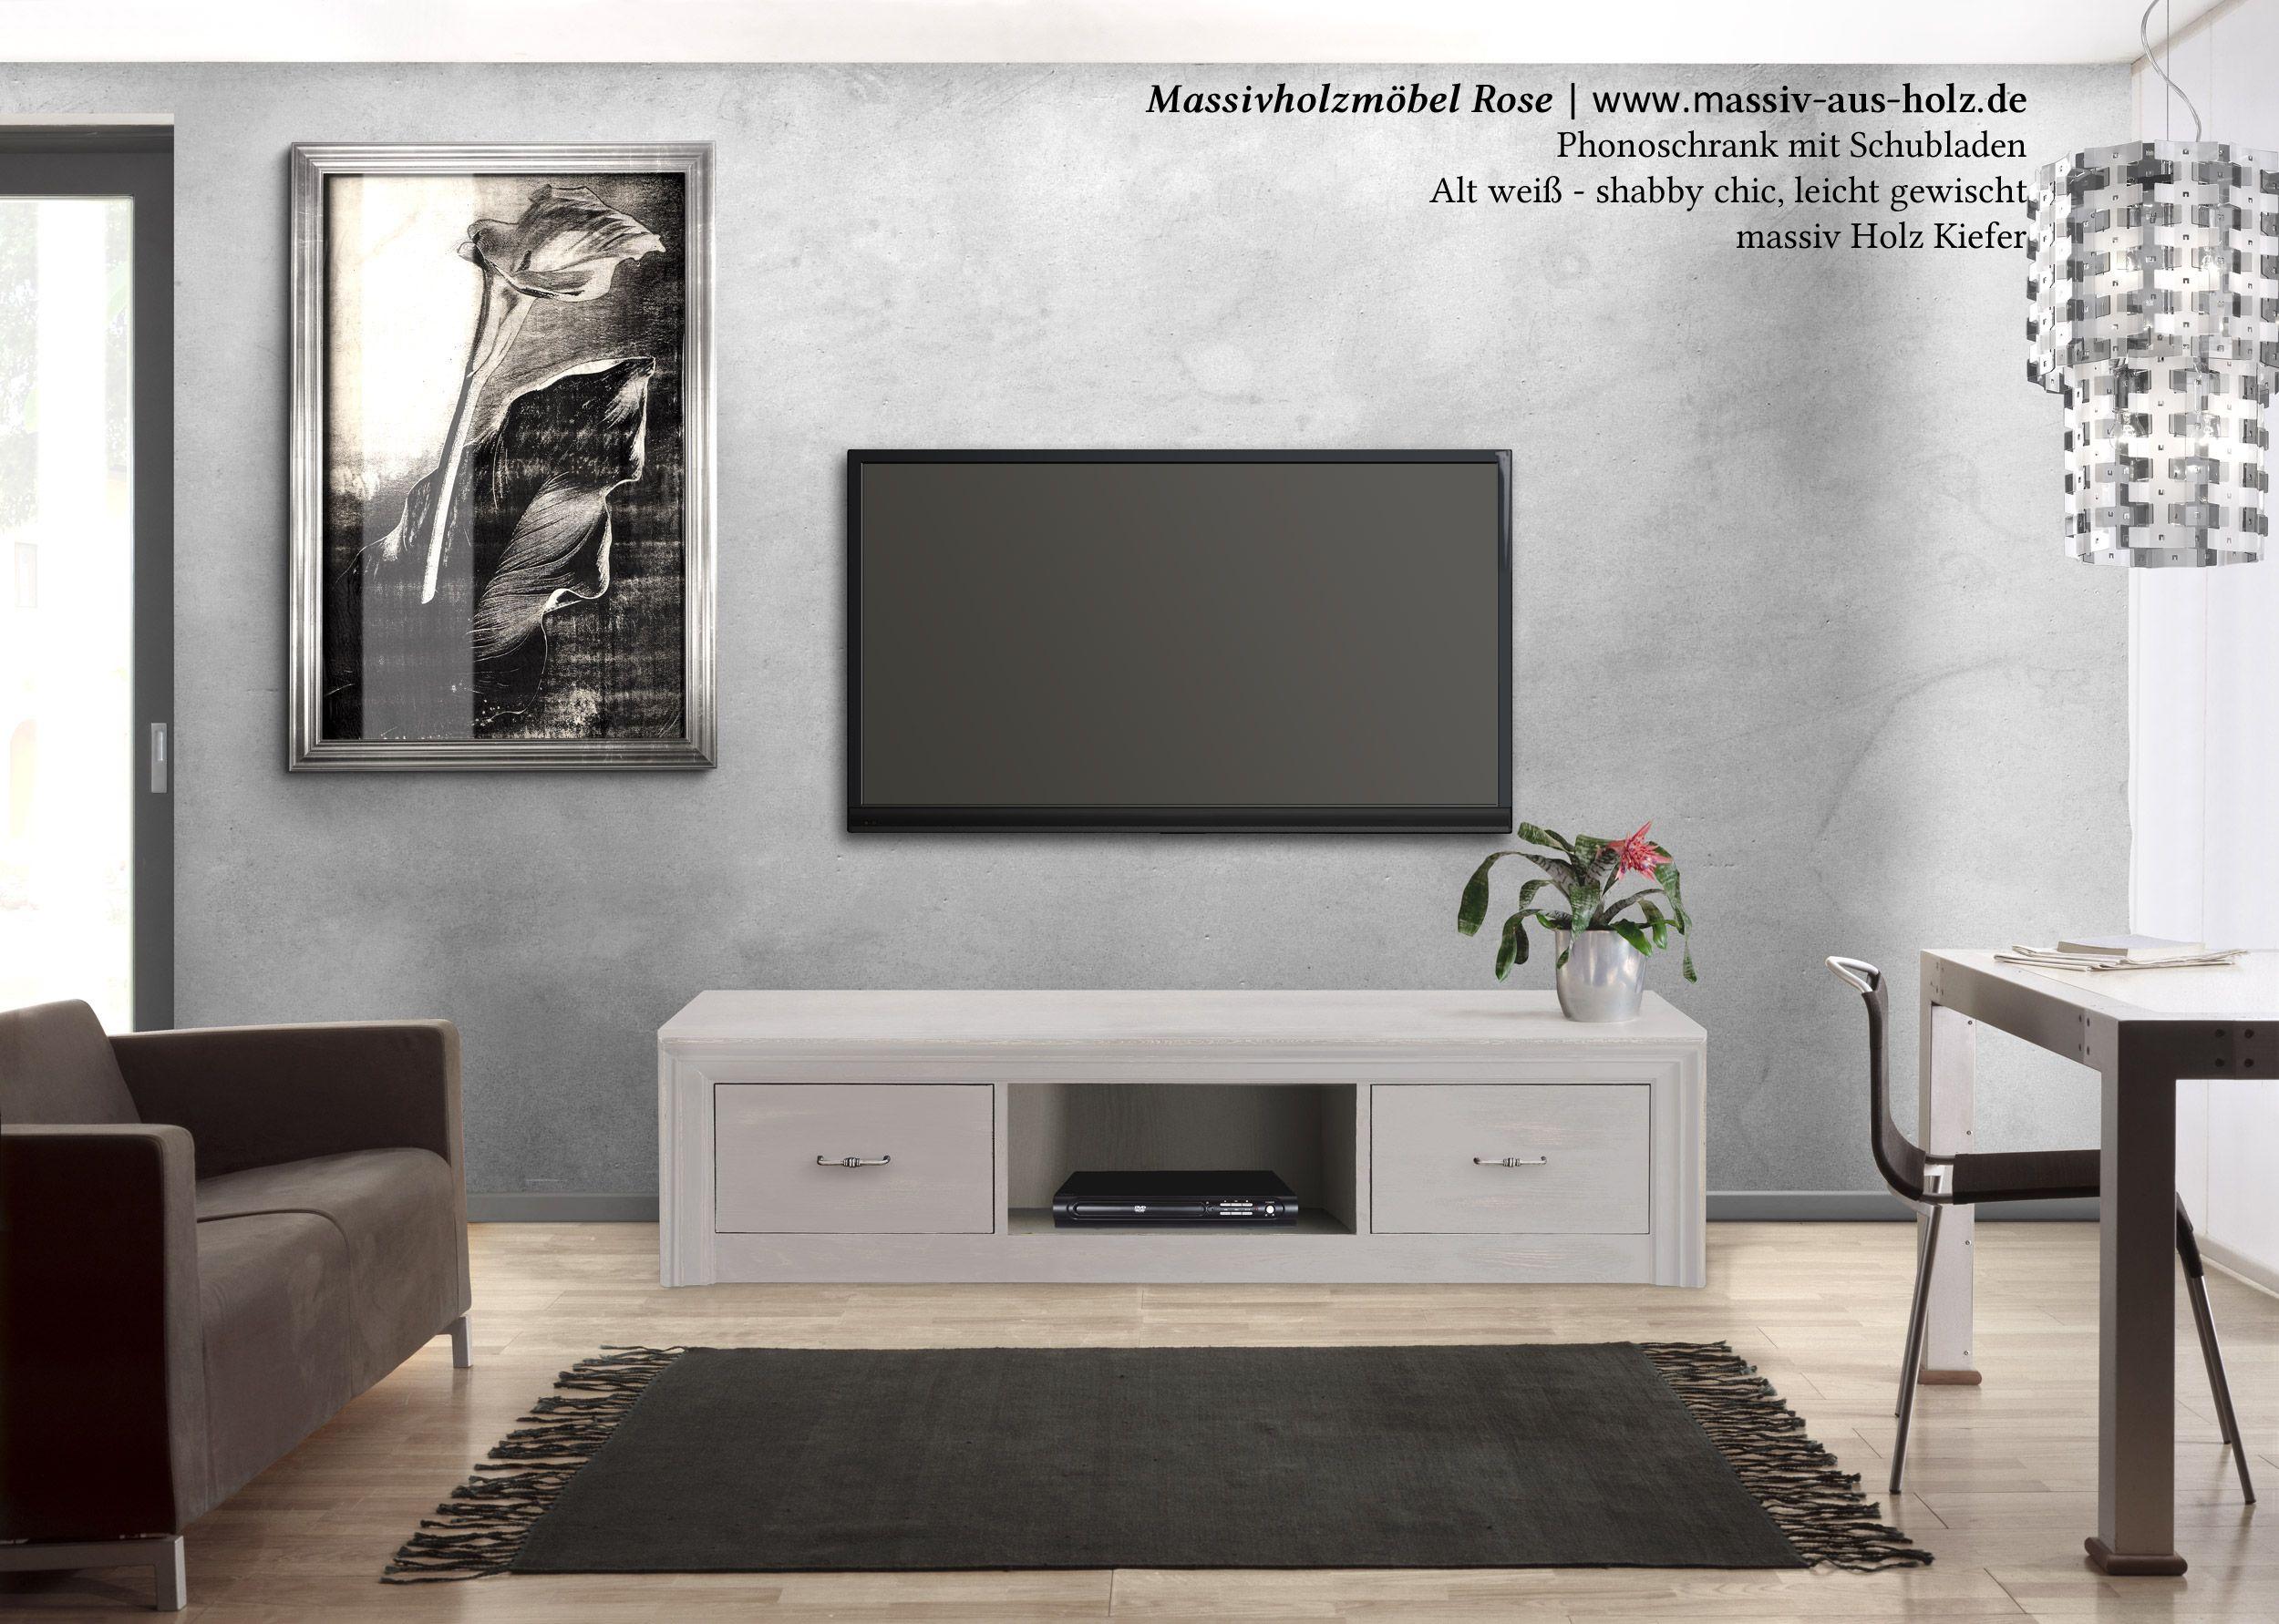 Wohnzimmermöbel Massiv ~ Wohnzimmermöbel in weiß couchtisch highboard massiv holz